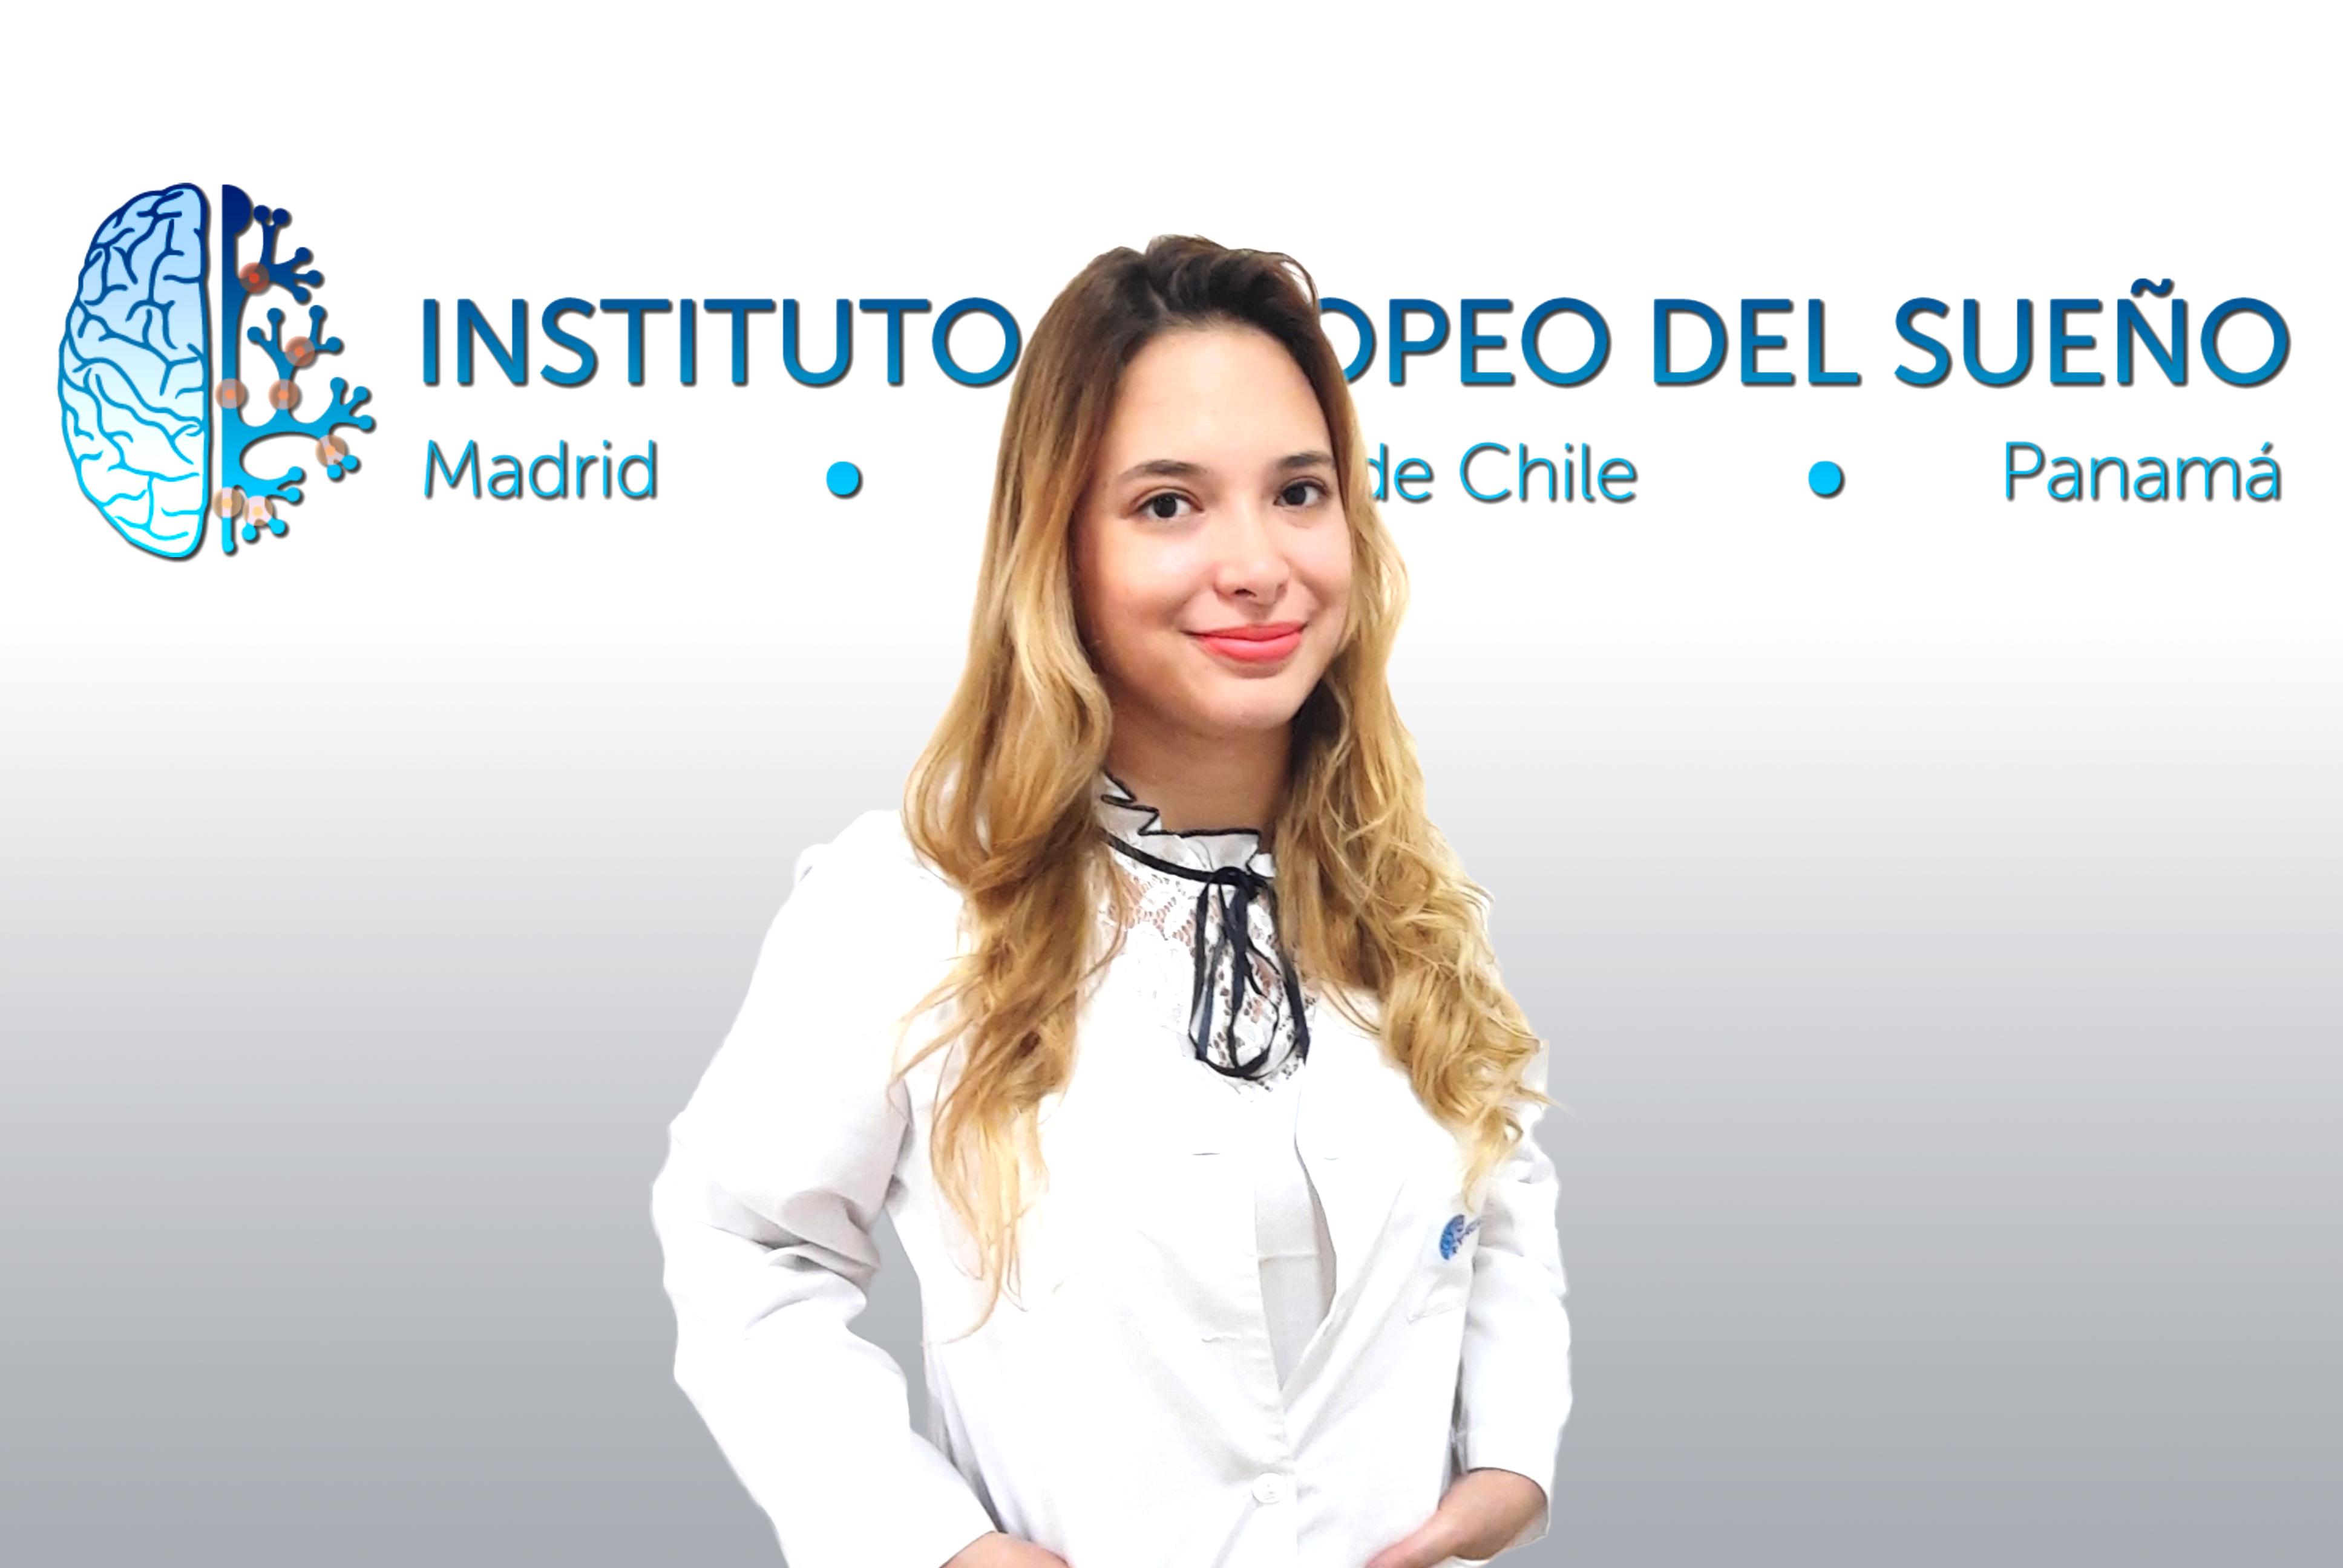 Dra. Laura Botta